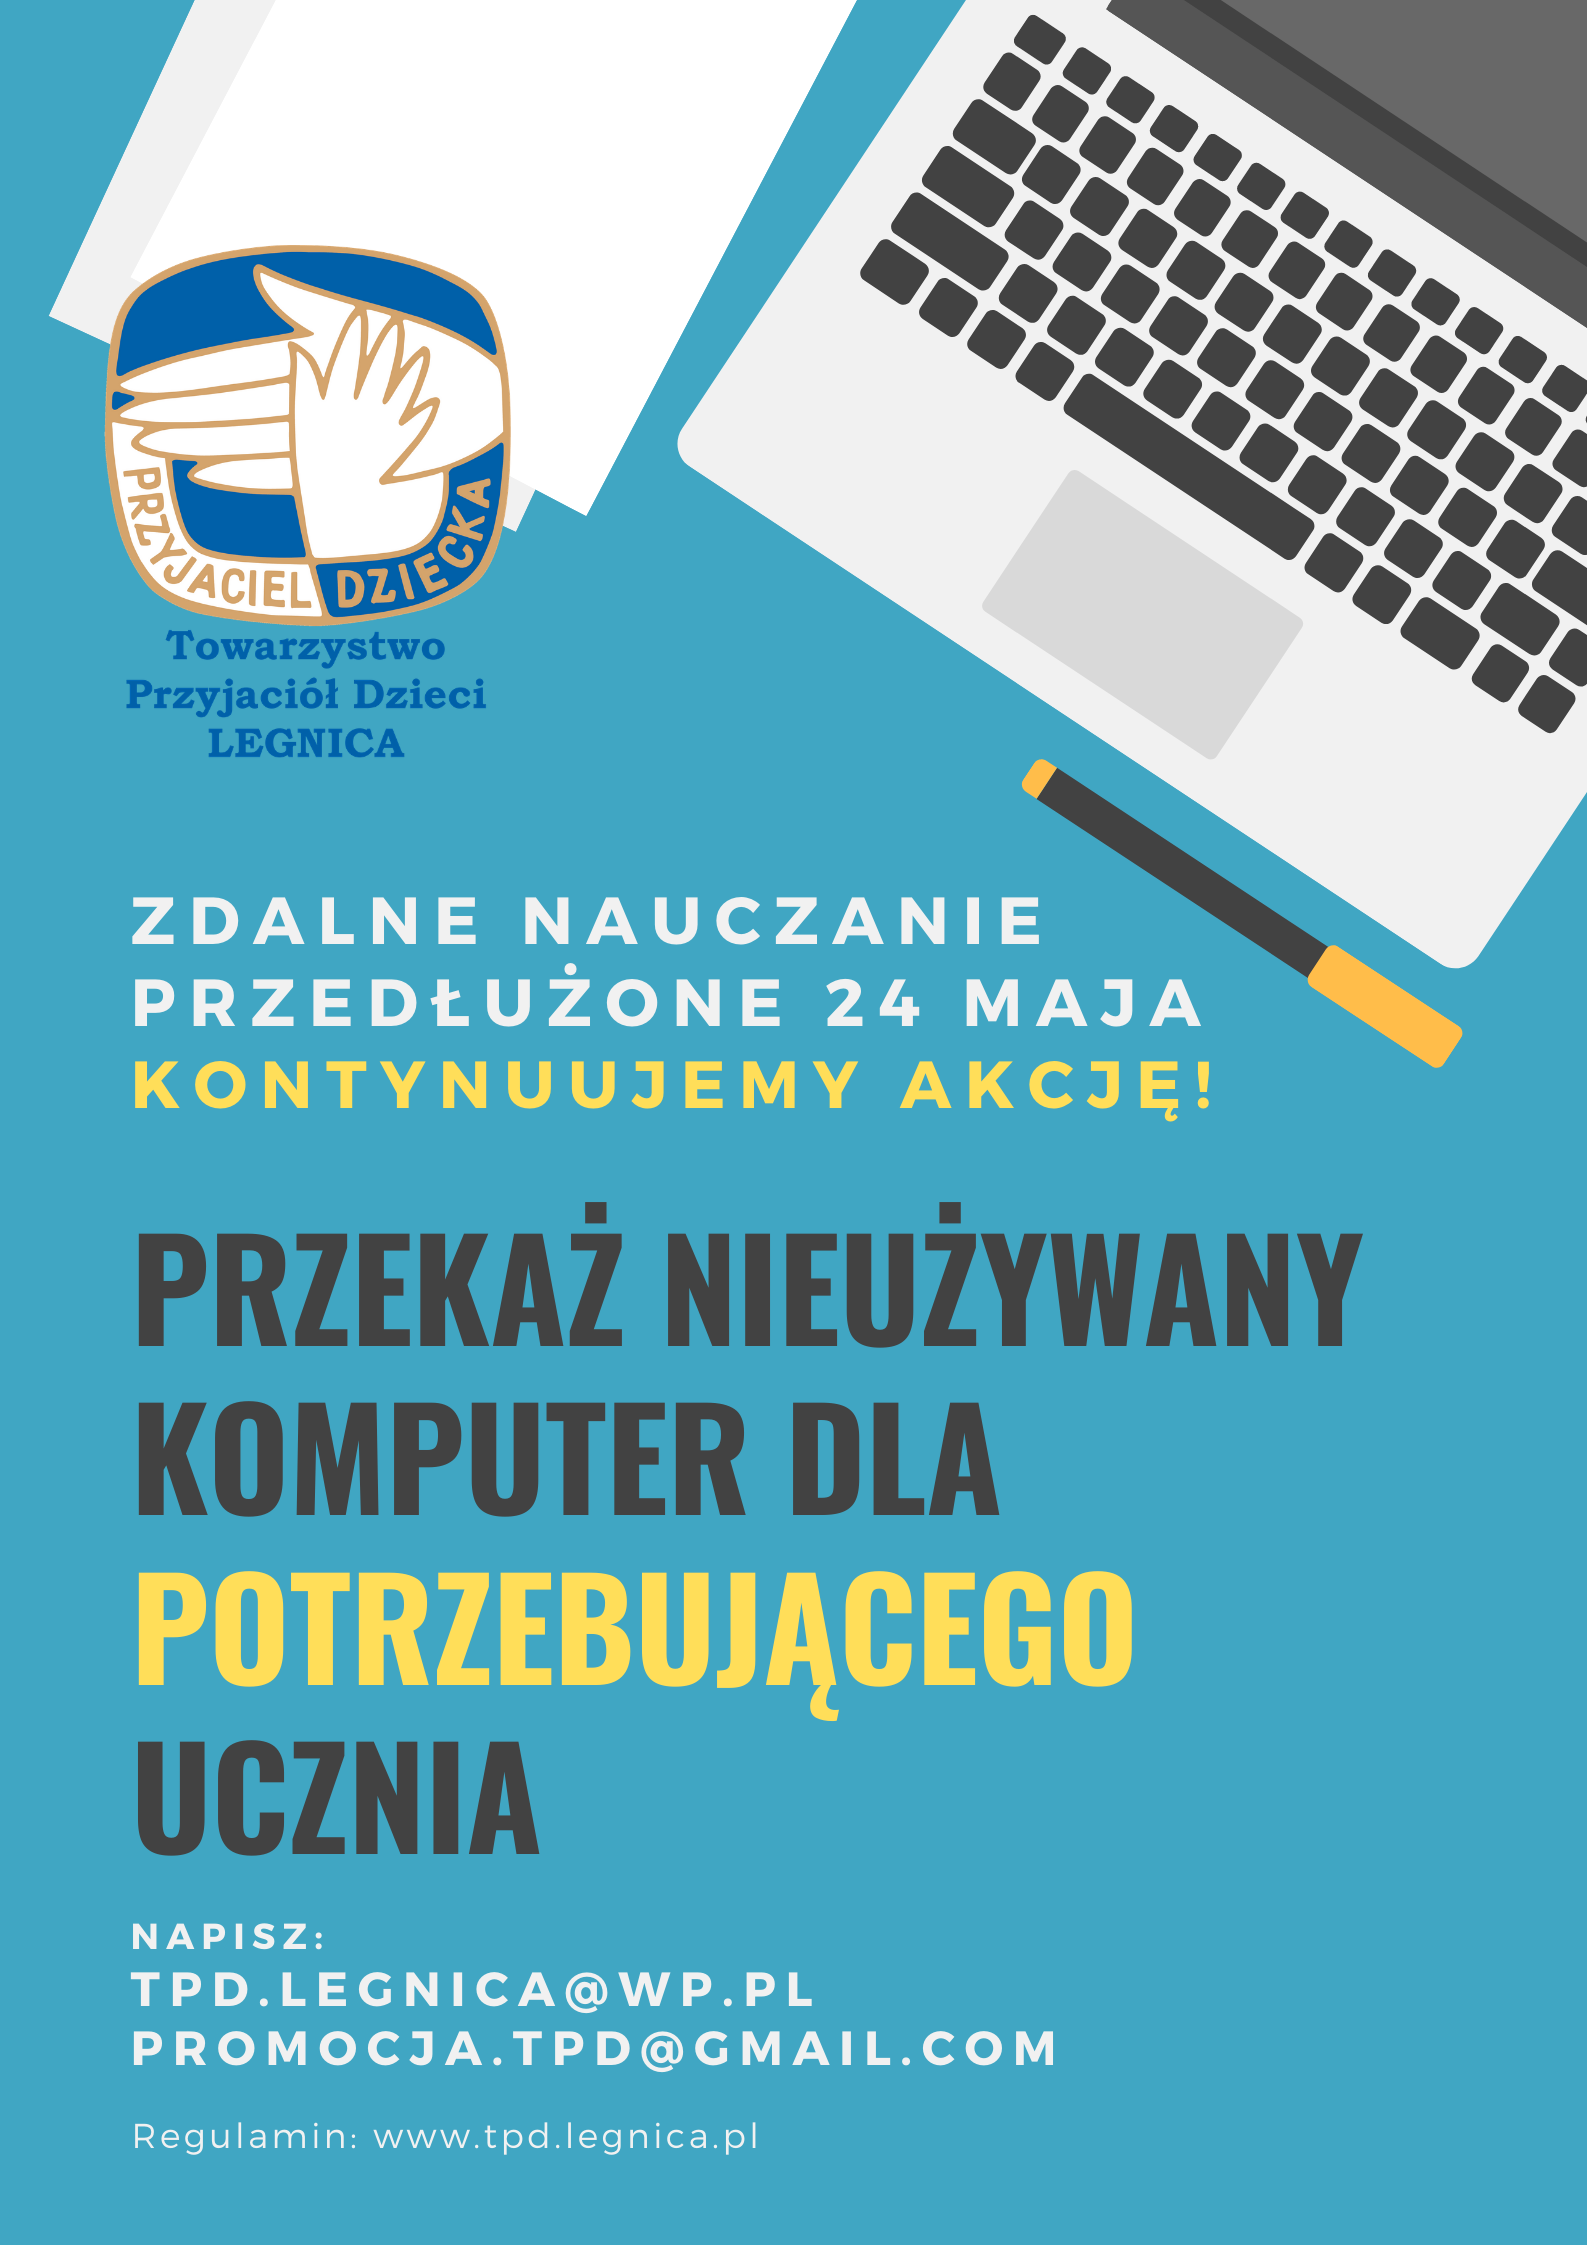 e-komputer_dla_ucznia